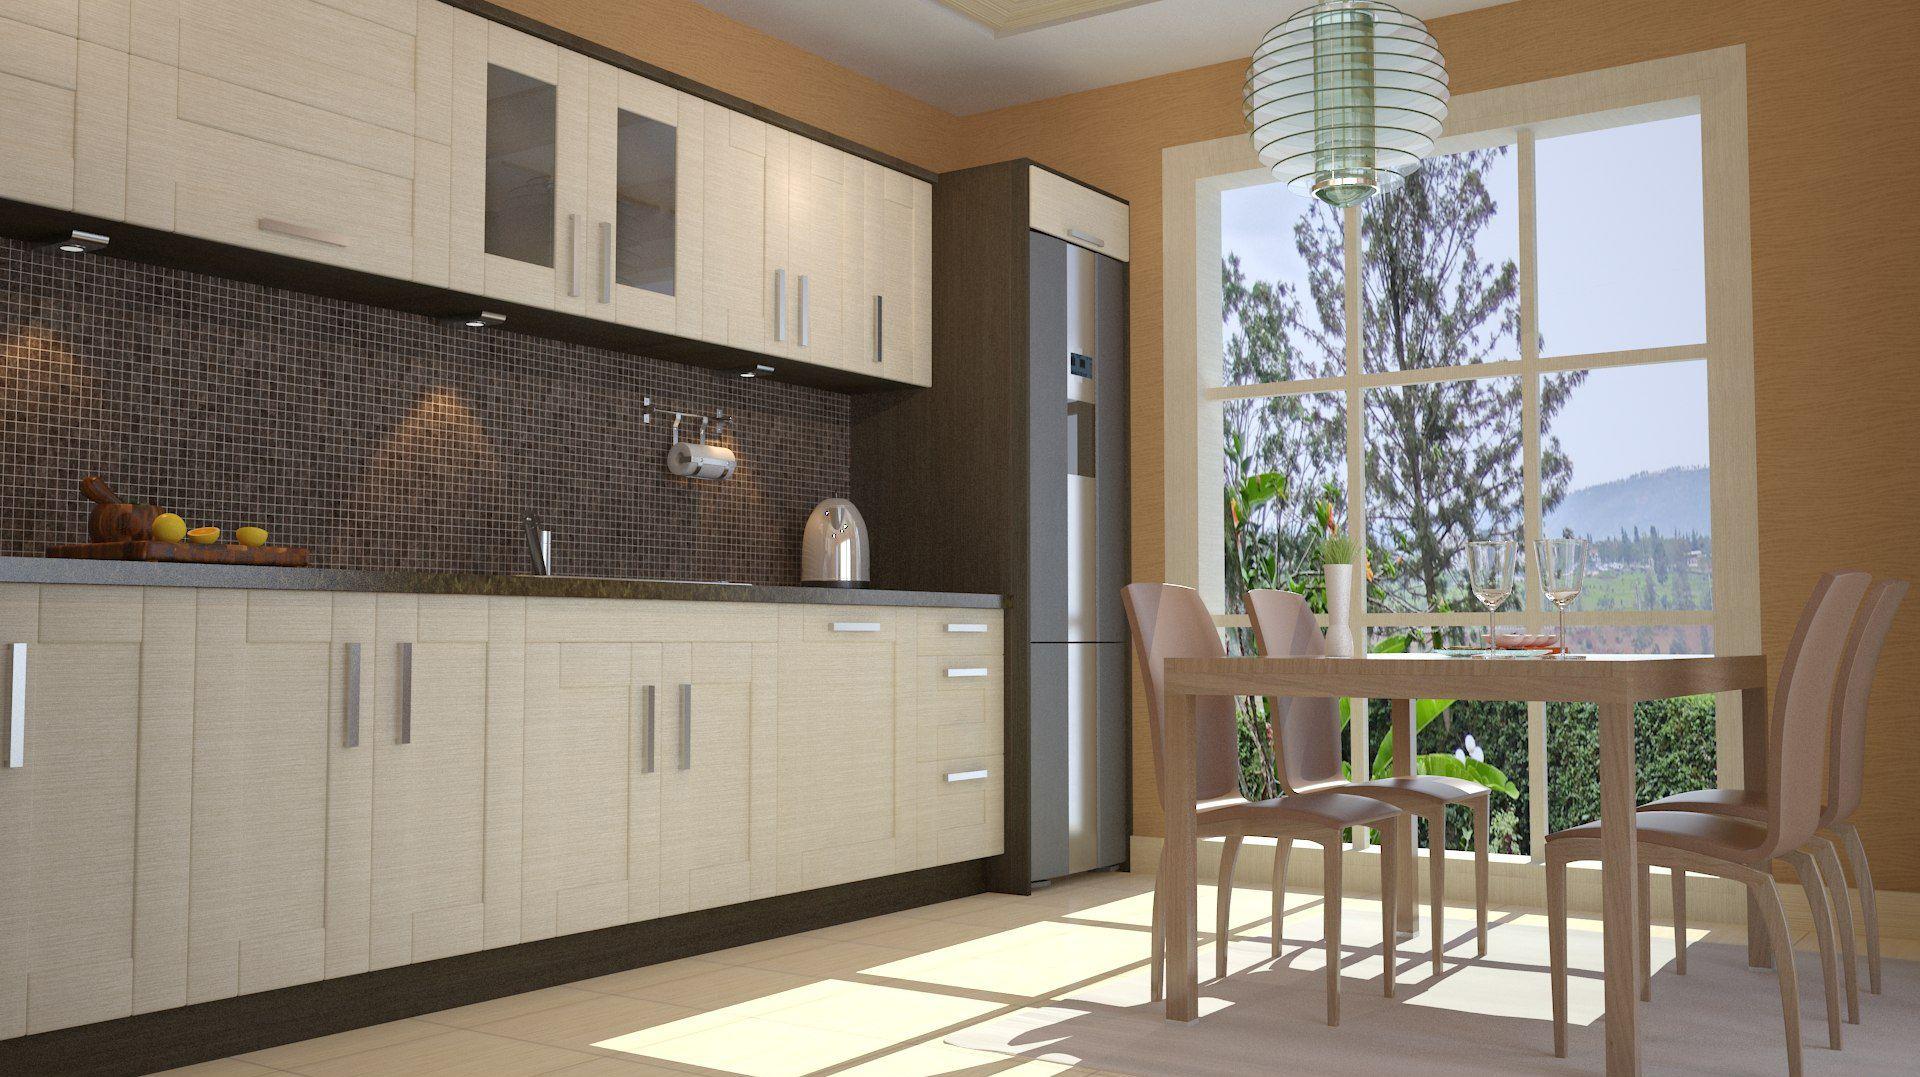 3d Mutfak Tasarımı Rüzgar Tasarım Sweet Home Kitchen Design